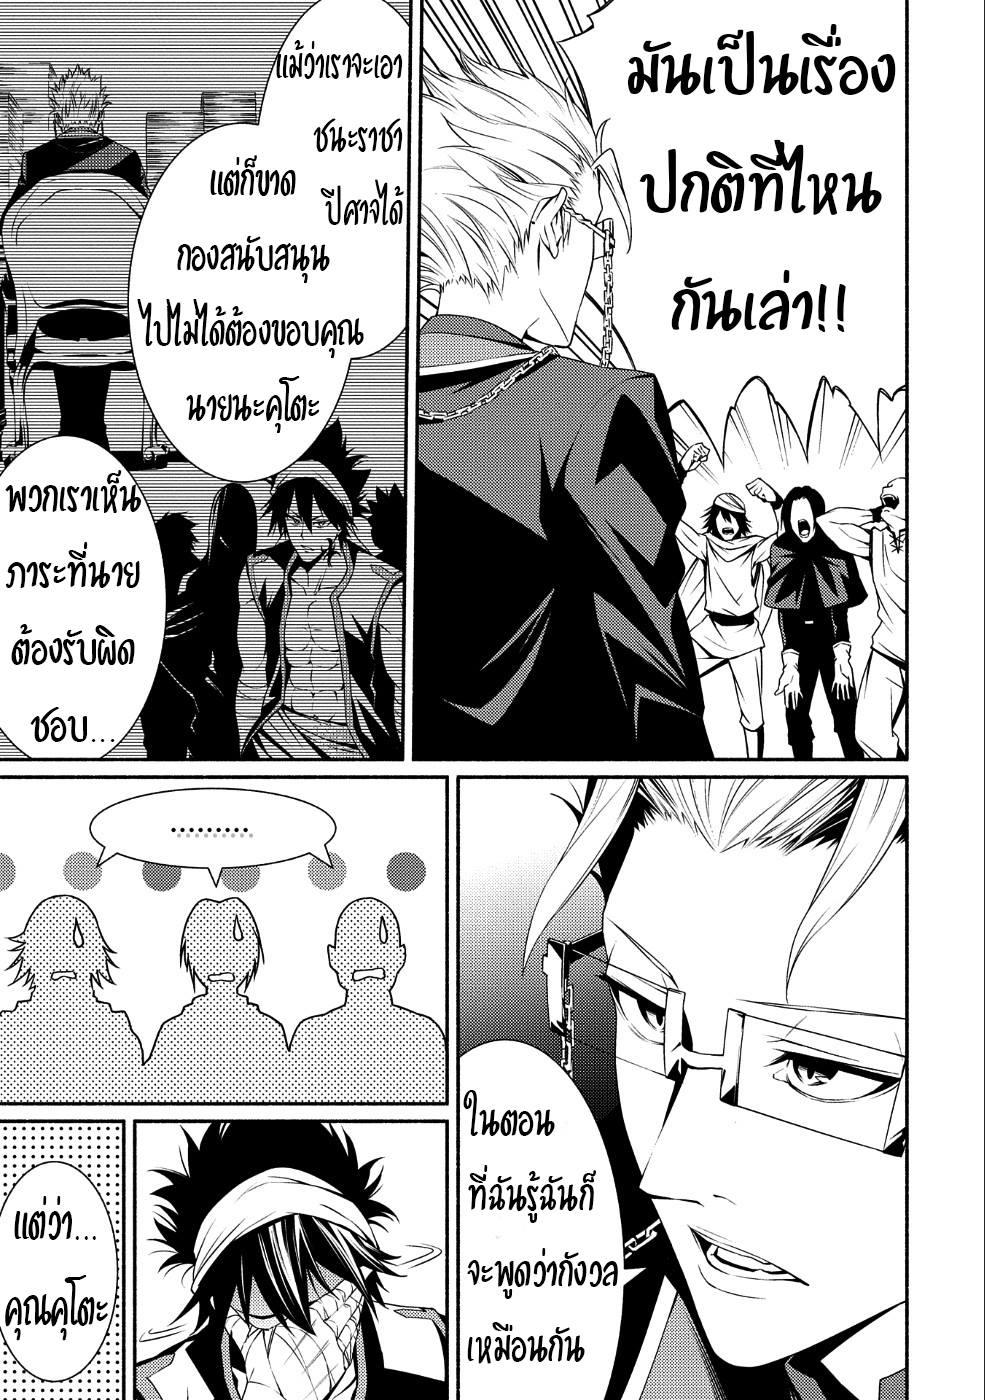 อ่านการ์ตูน Saikyou Party no Zatsuyougakari Ossan wa Muriyari Kyuuka o Tora Sareta you desu ตอนที่ 1 หน้าที่ 10